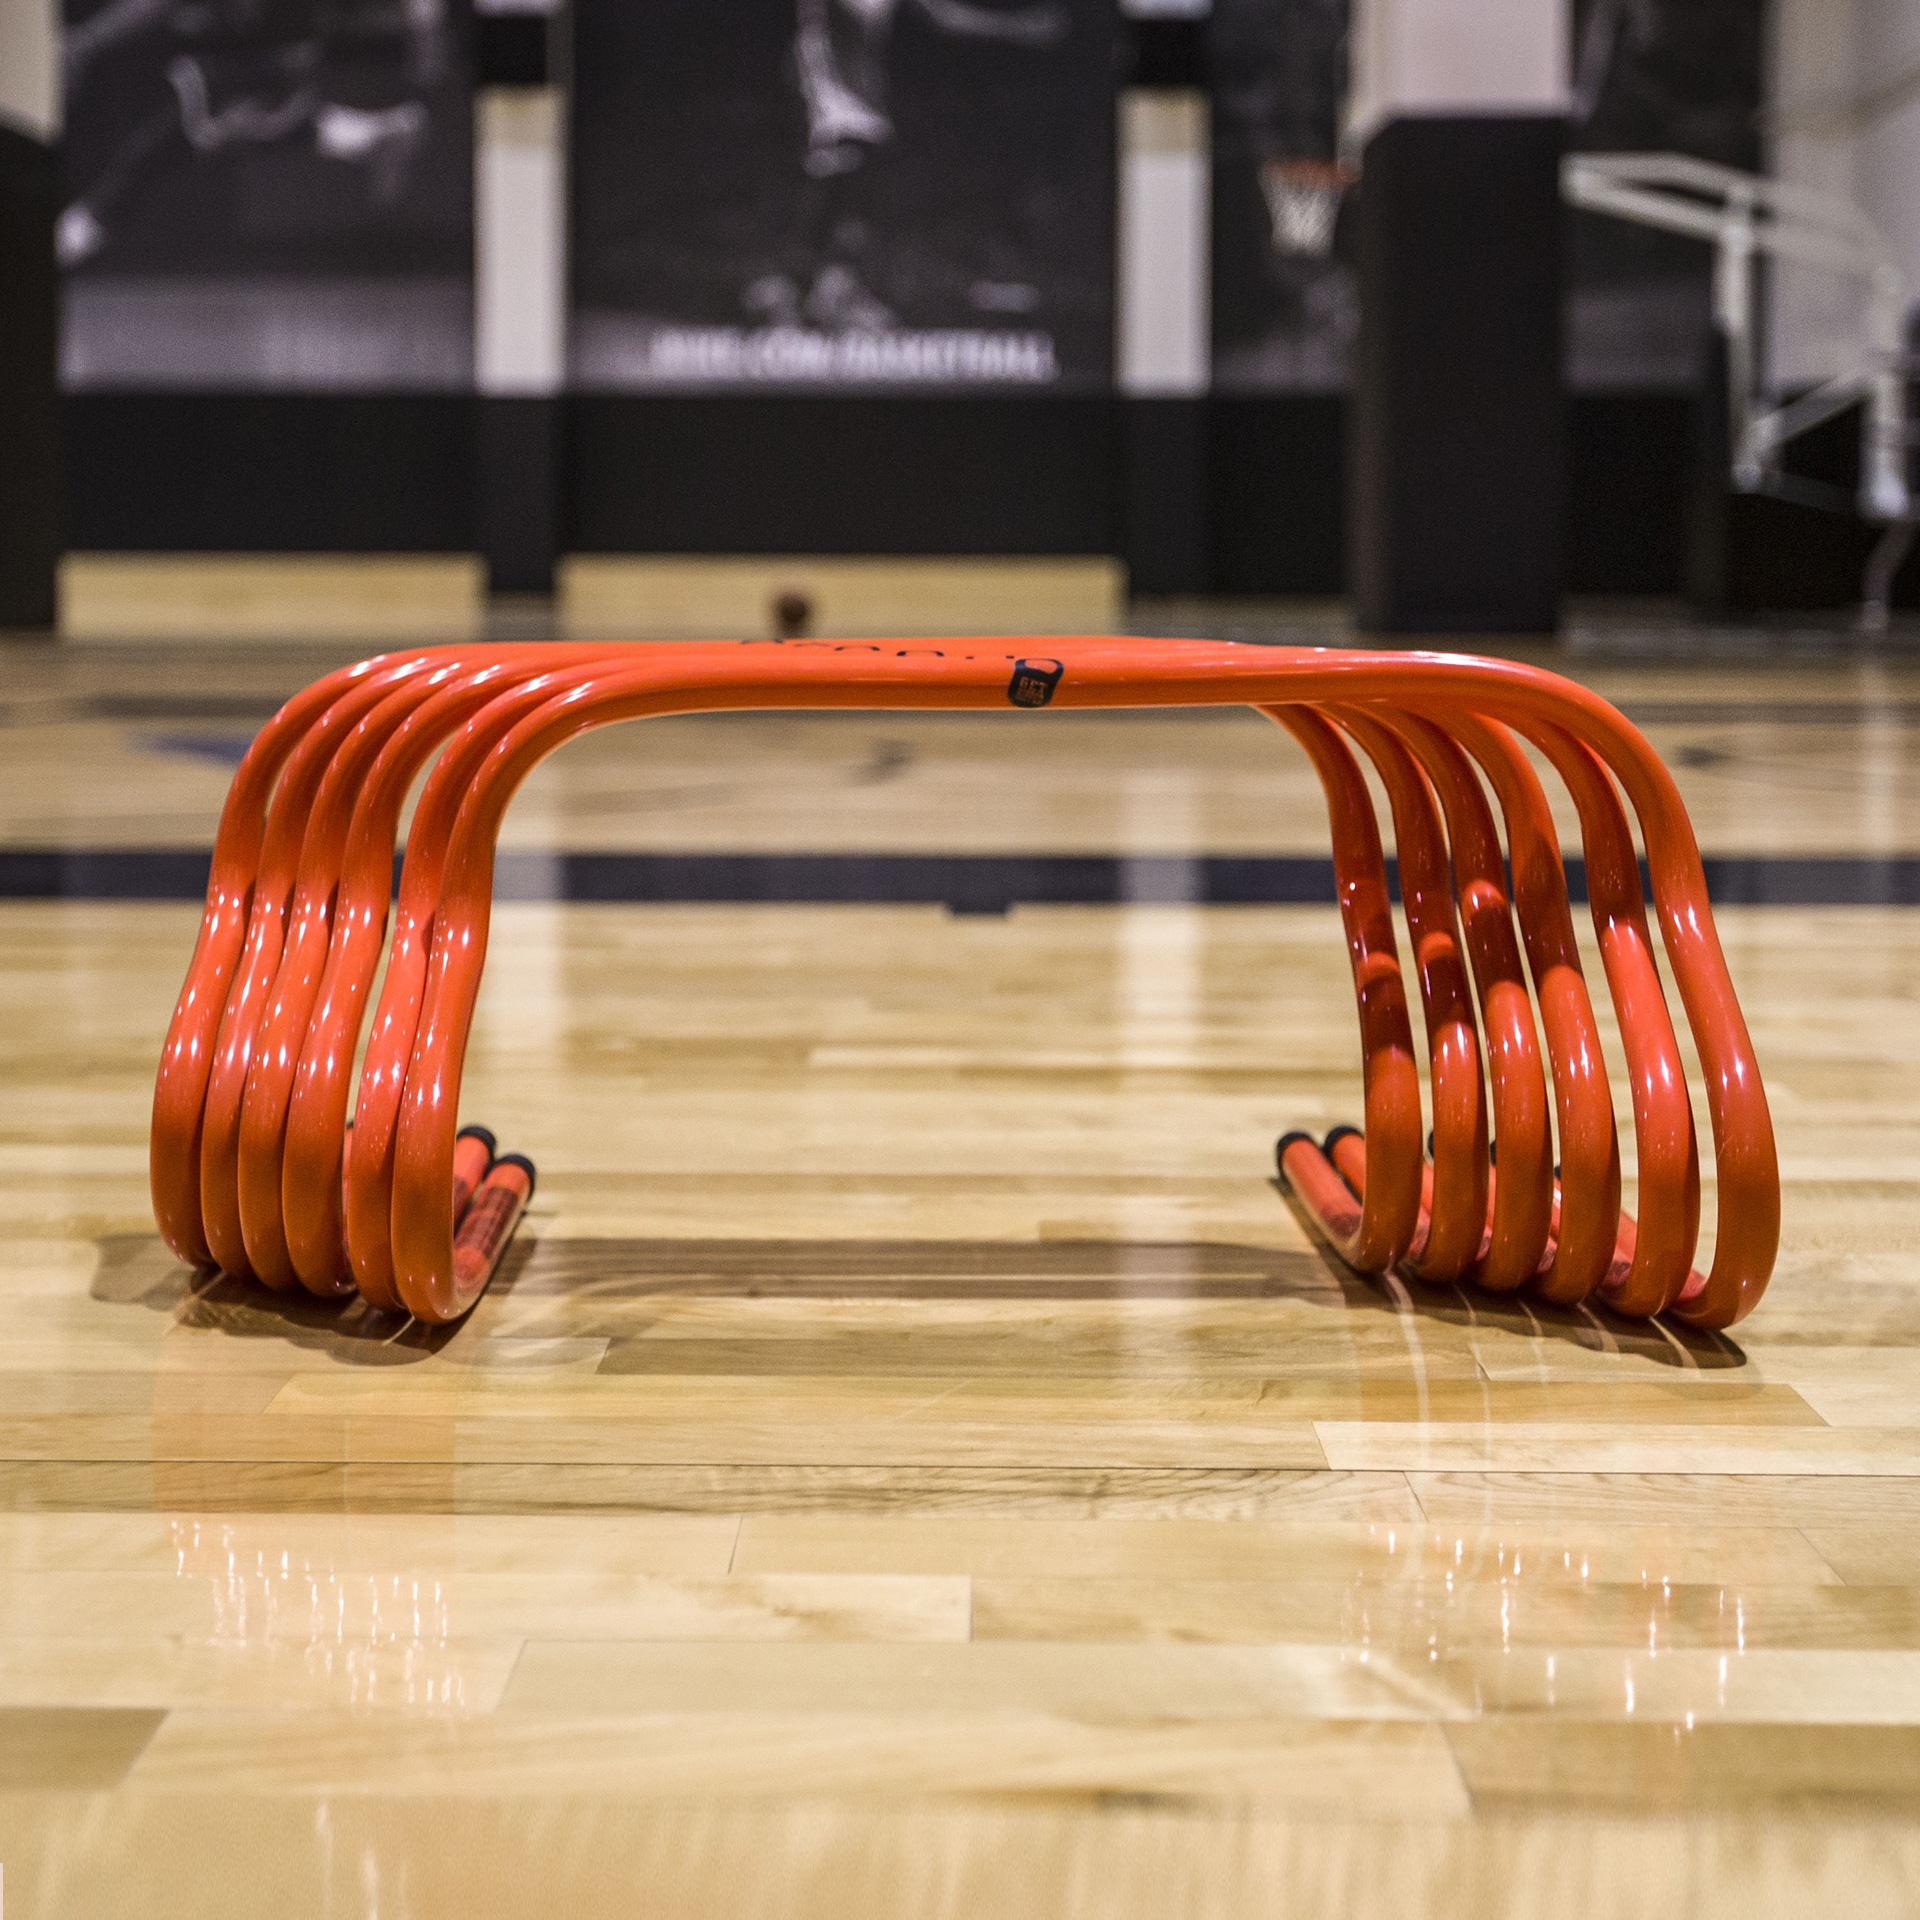 Купить оранжевый, черный  тренажёр get ripped gr not enough hurdles unadjst в магазинах Streetball изображение - 2 картинки